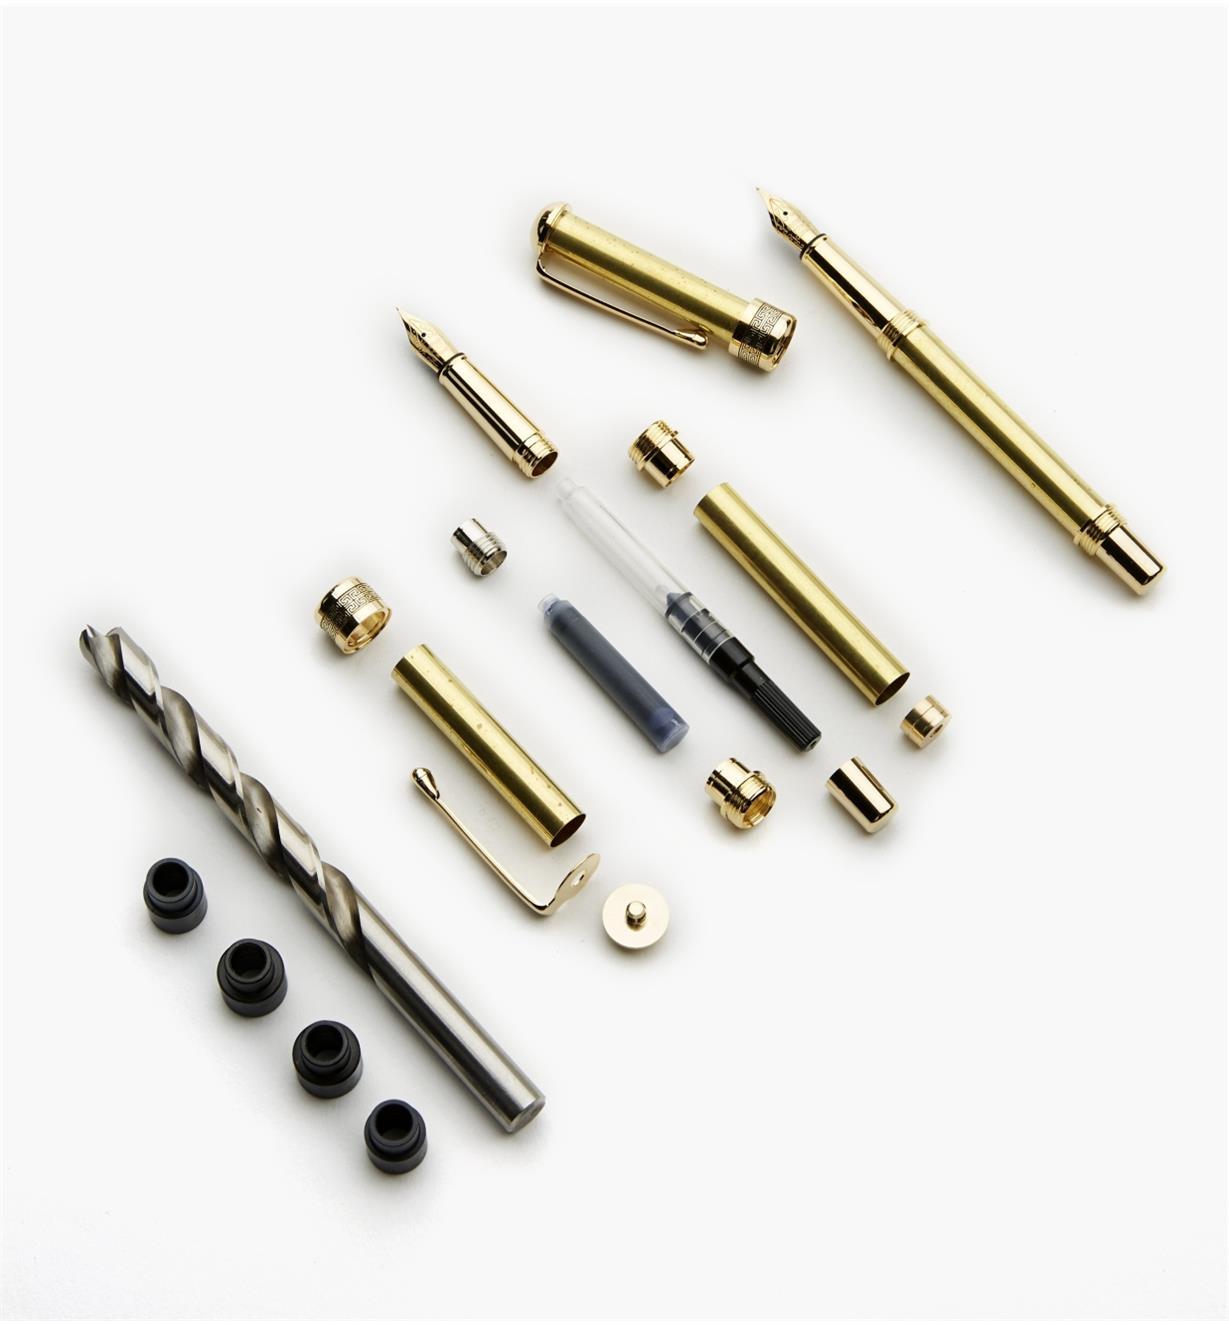 88K8259 - New Series Fountain Pen Starter Set